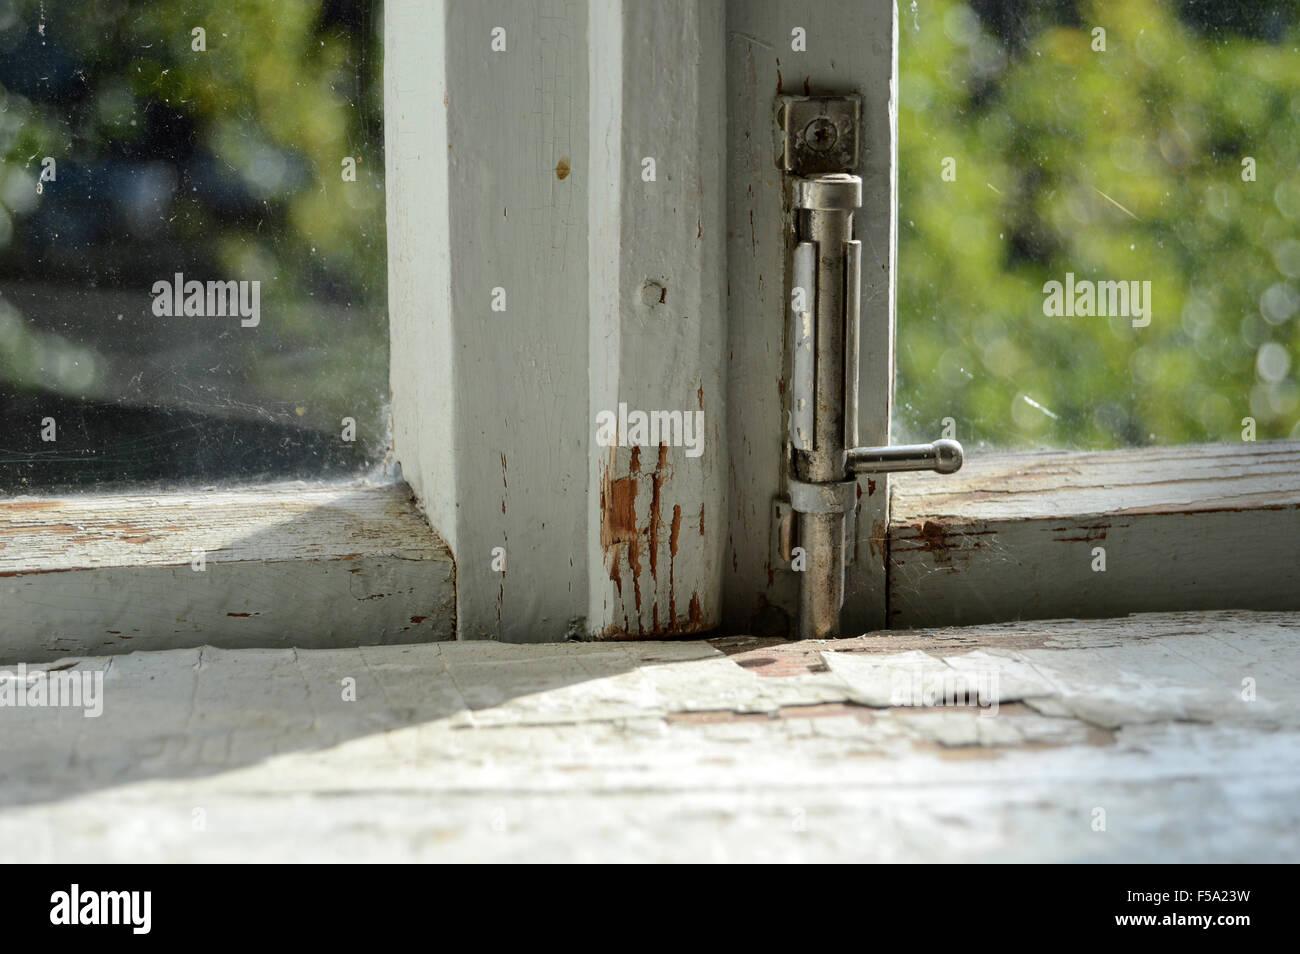 appui de fenêtre dans une vieille maison en bois. journée